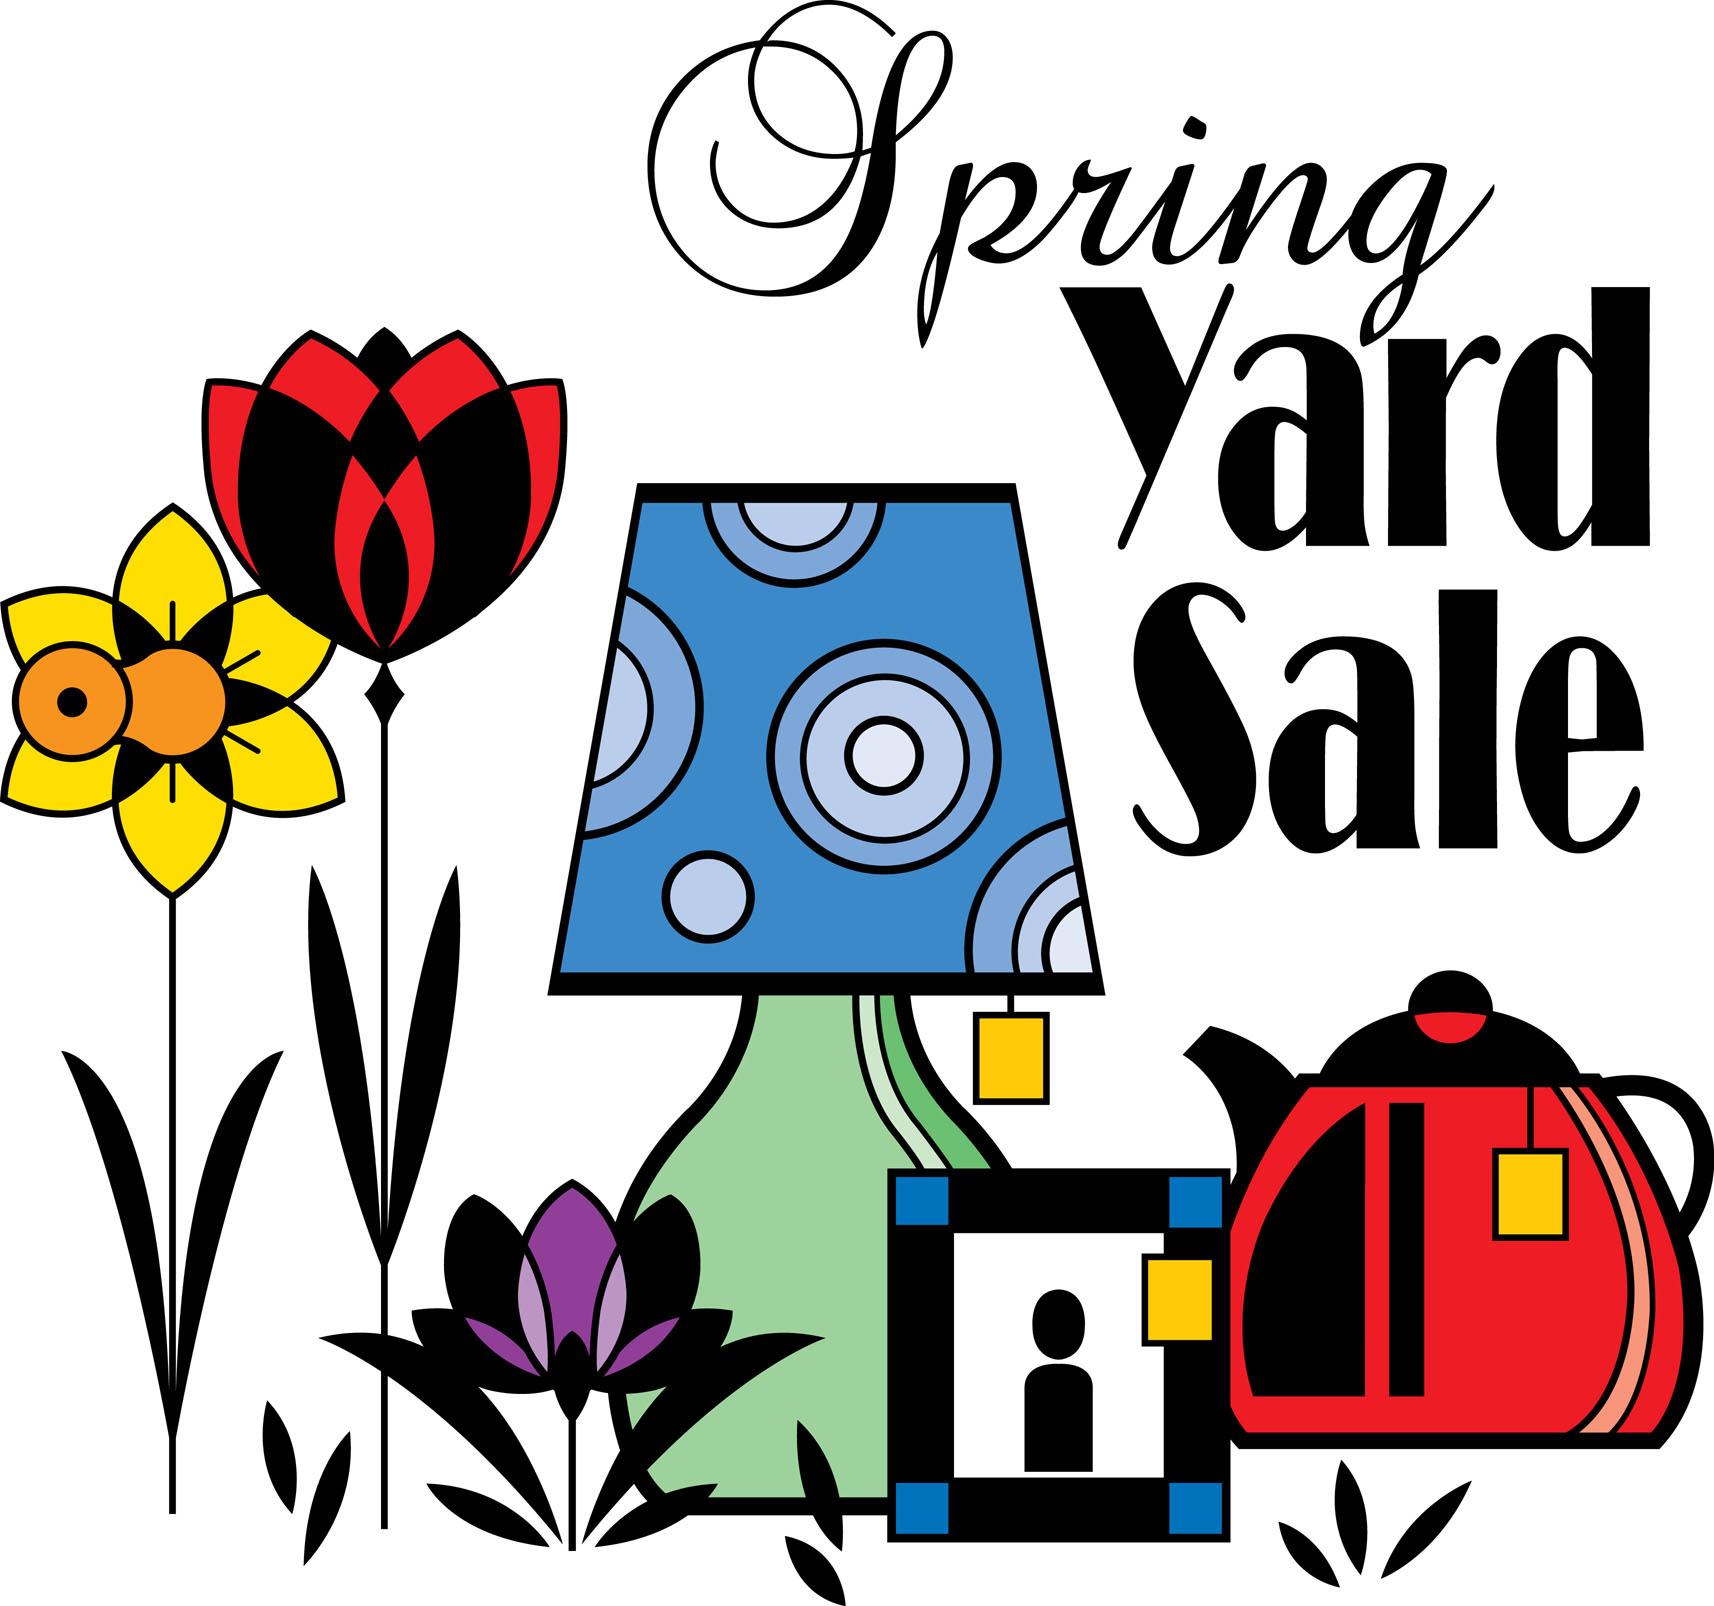 1714x1606 Hoa Board Plans Yard Sale Day Brookwood Hoa